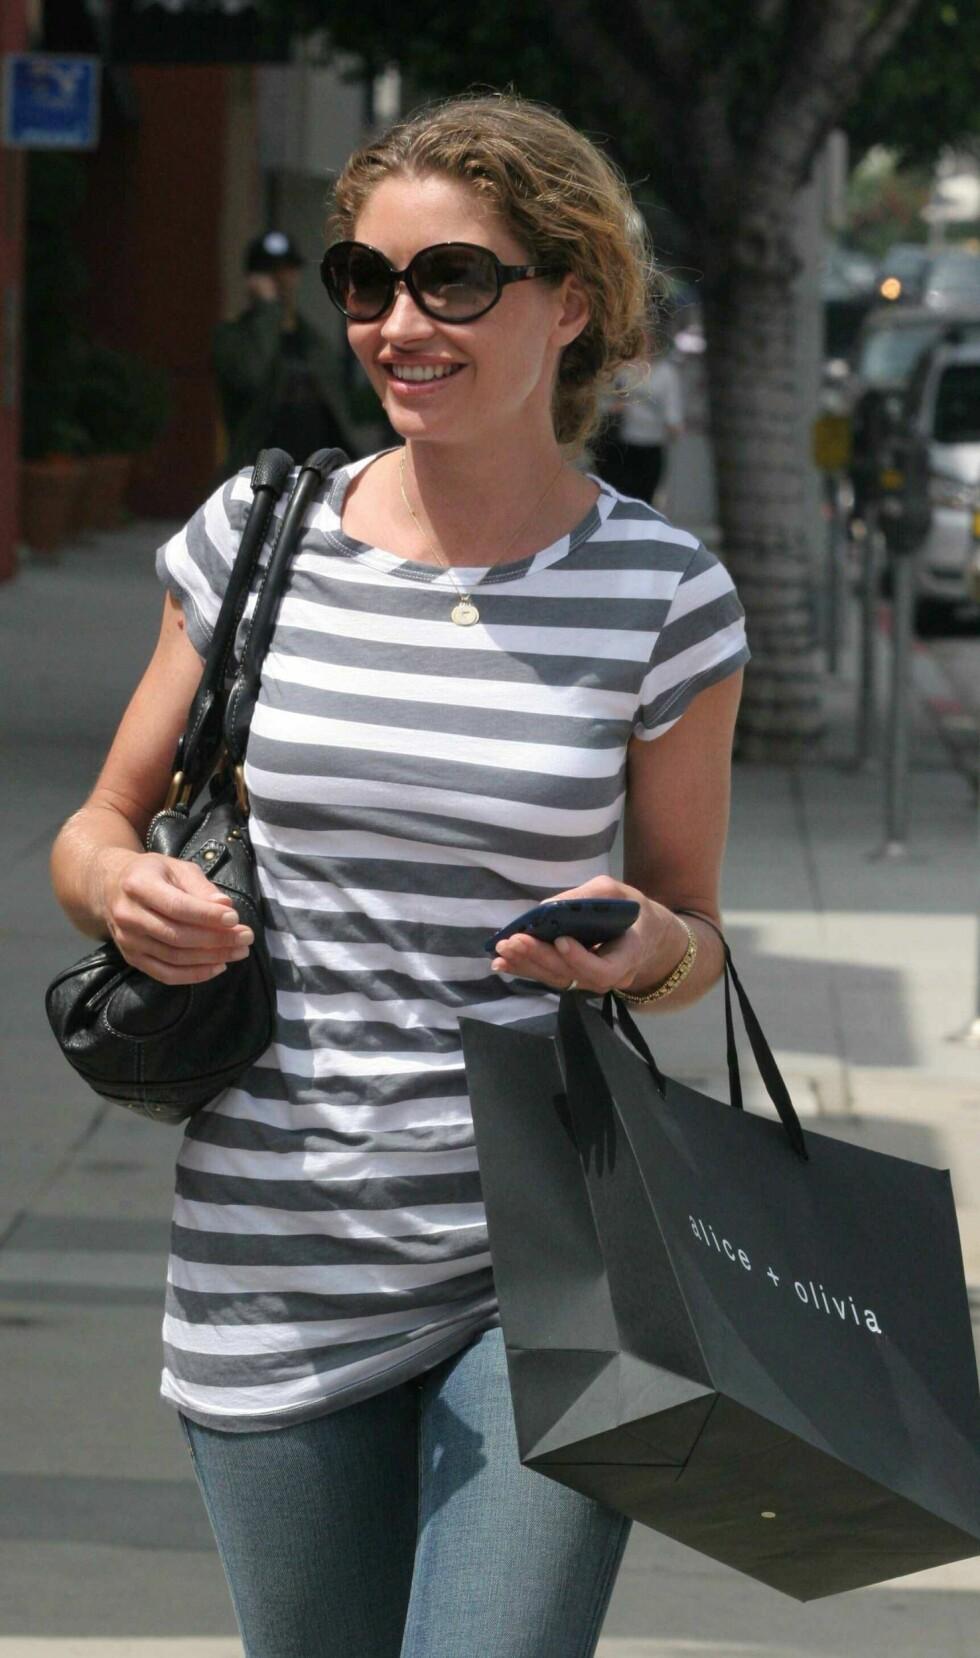 Skuespiller Rebecca Gayheart kjent fra blant annet tv-serien Nip/Tuc shopper i Beverly Hills.